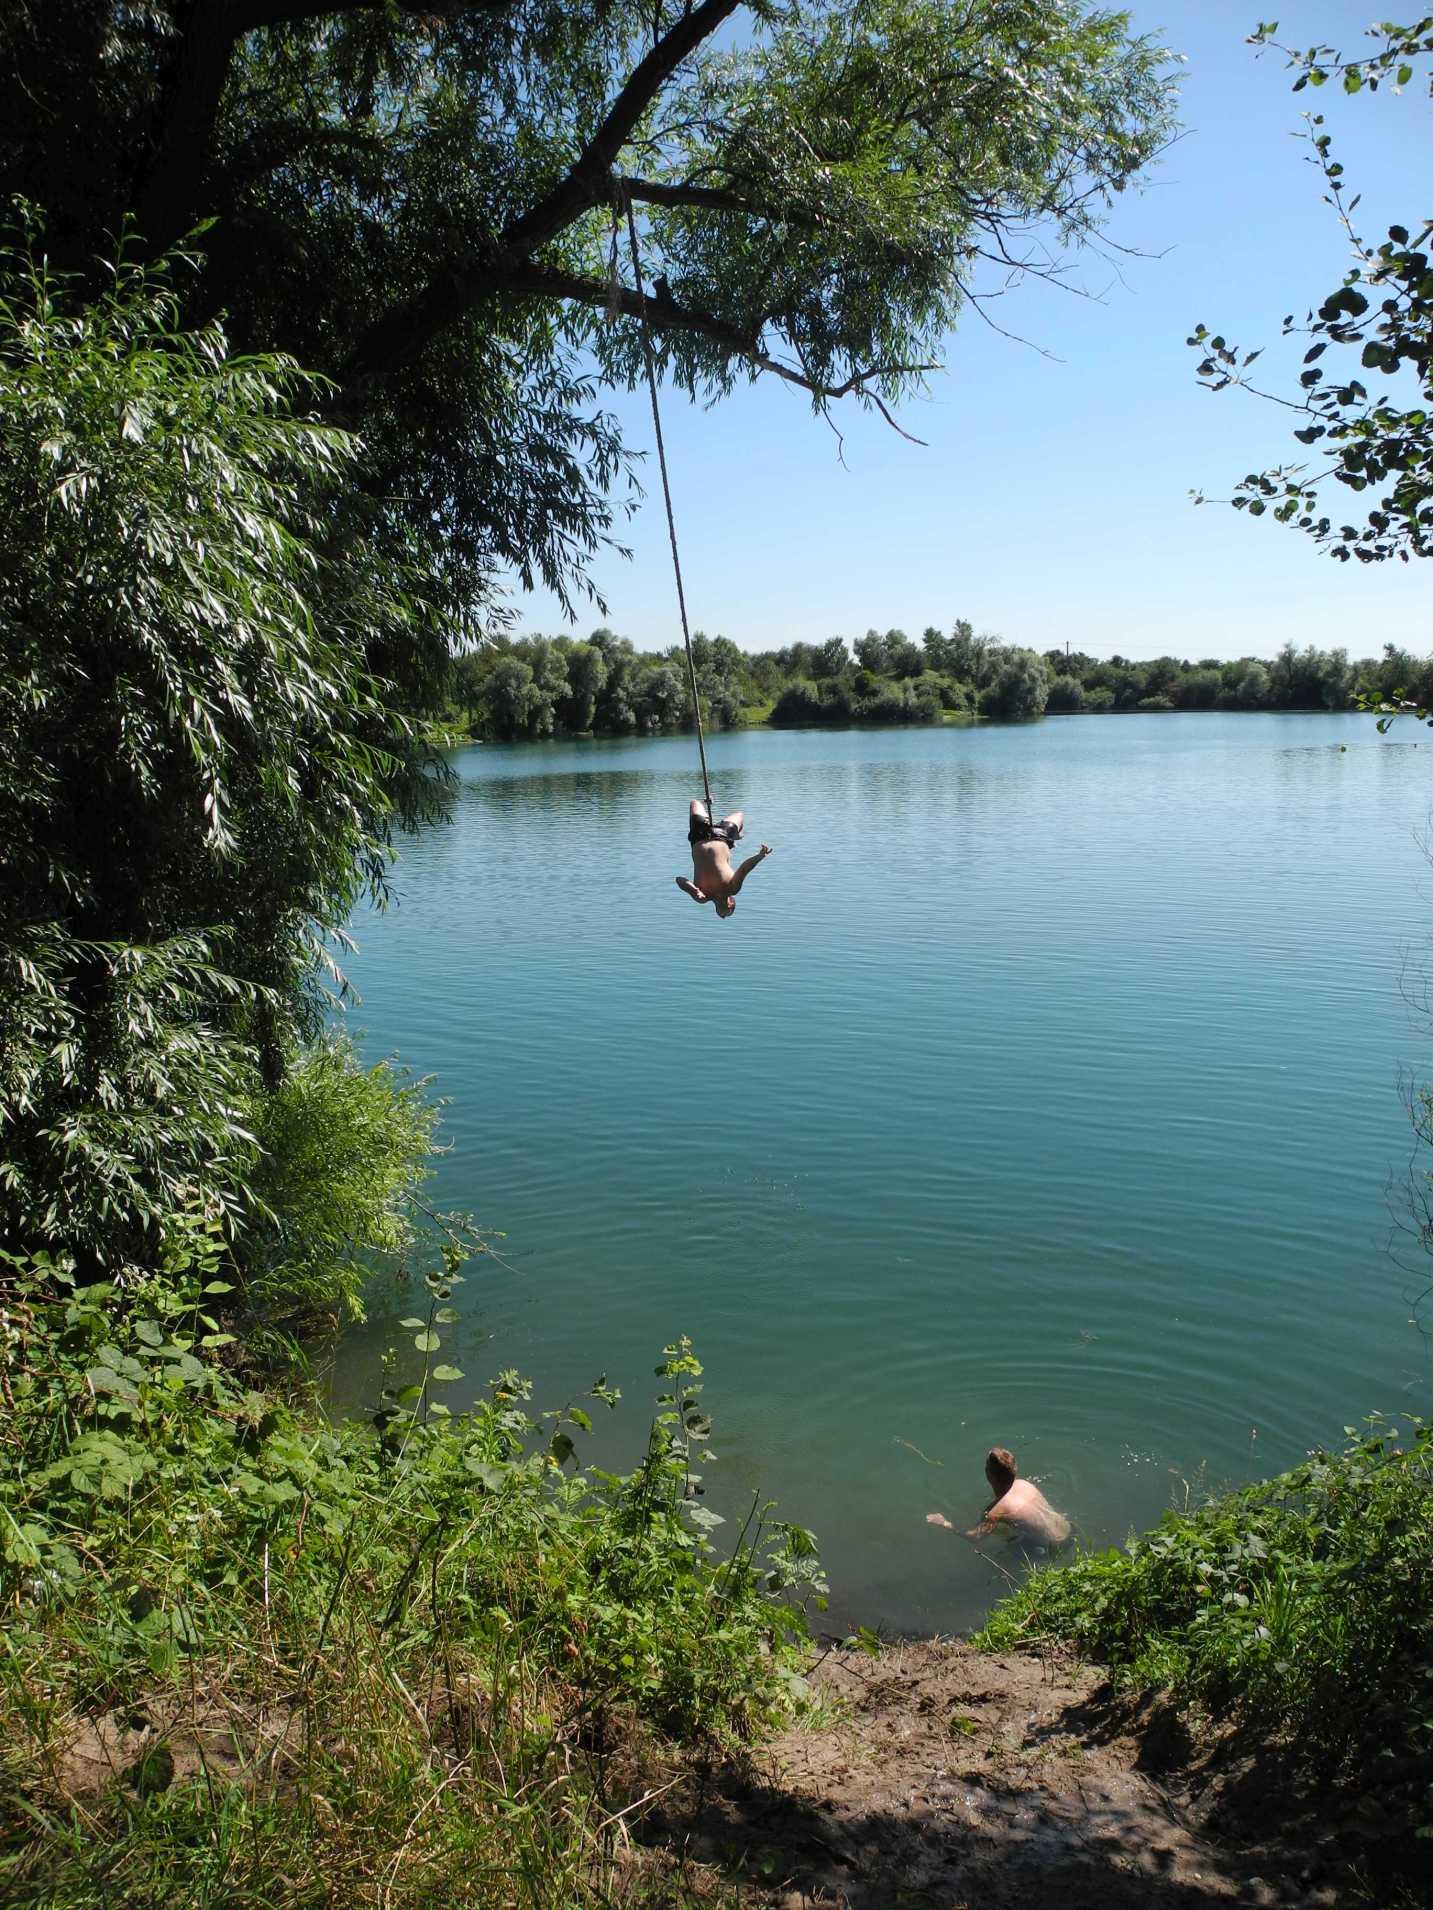 ... und einen Augenblick später kopfüber in den See